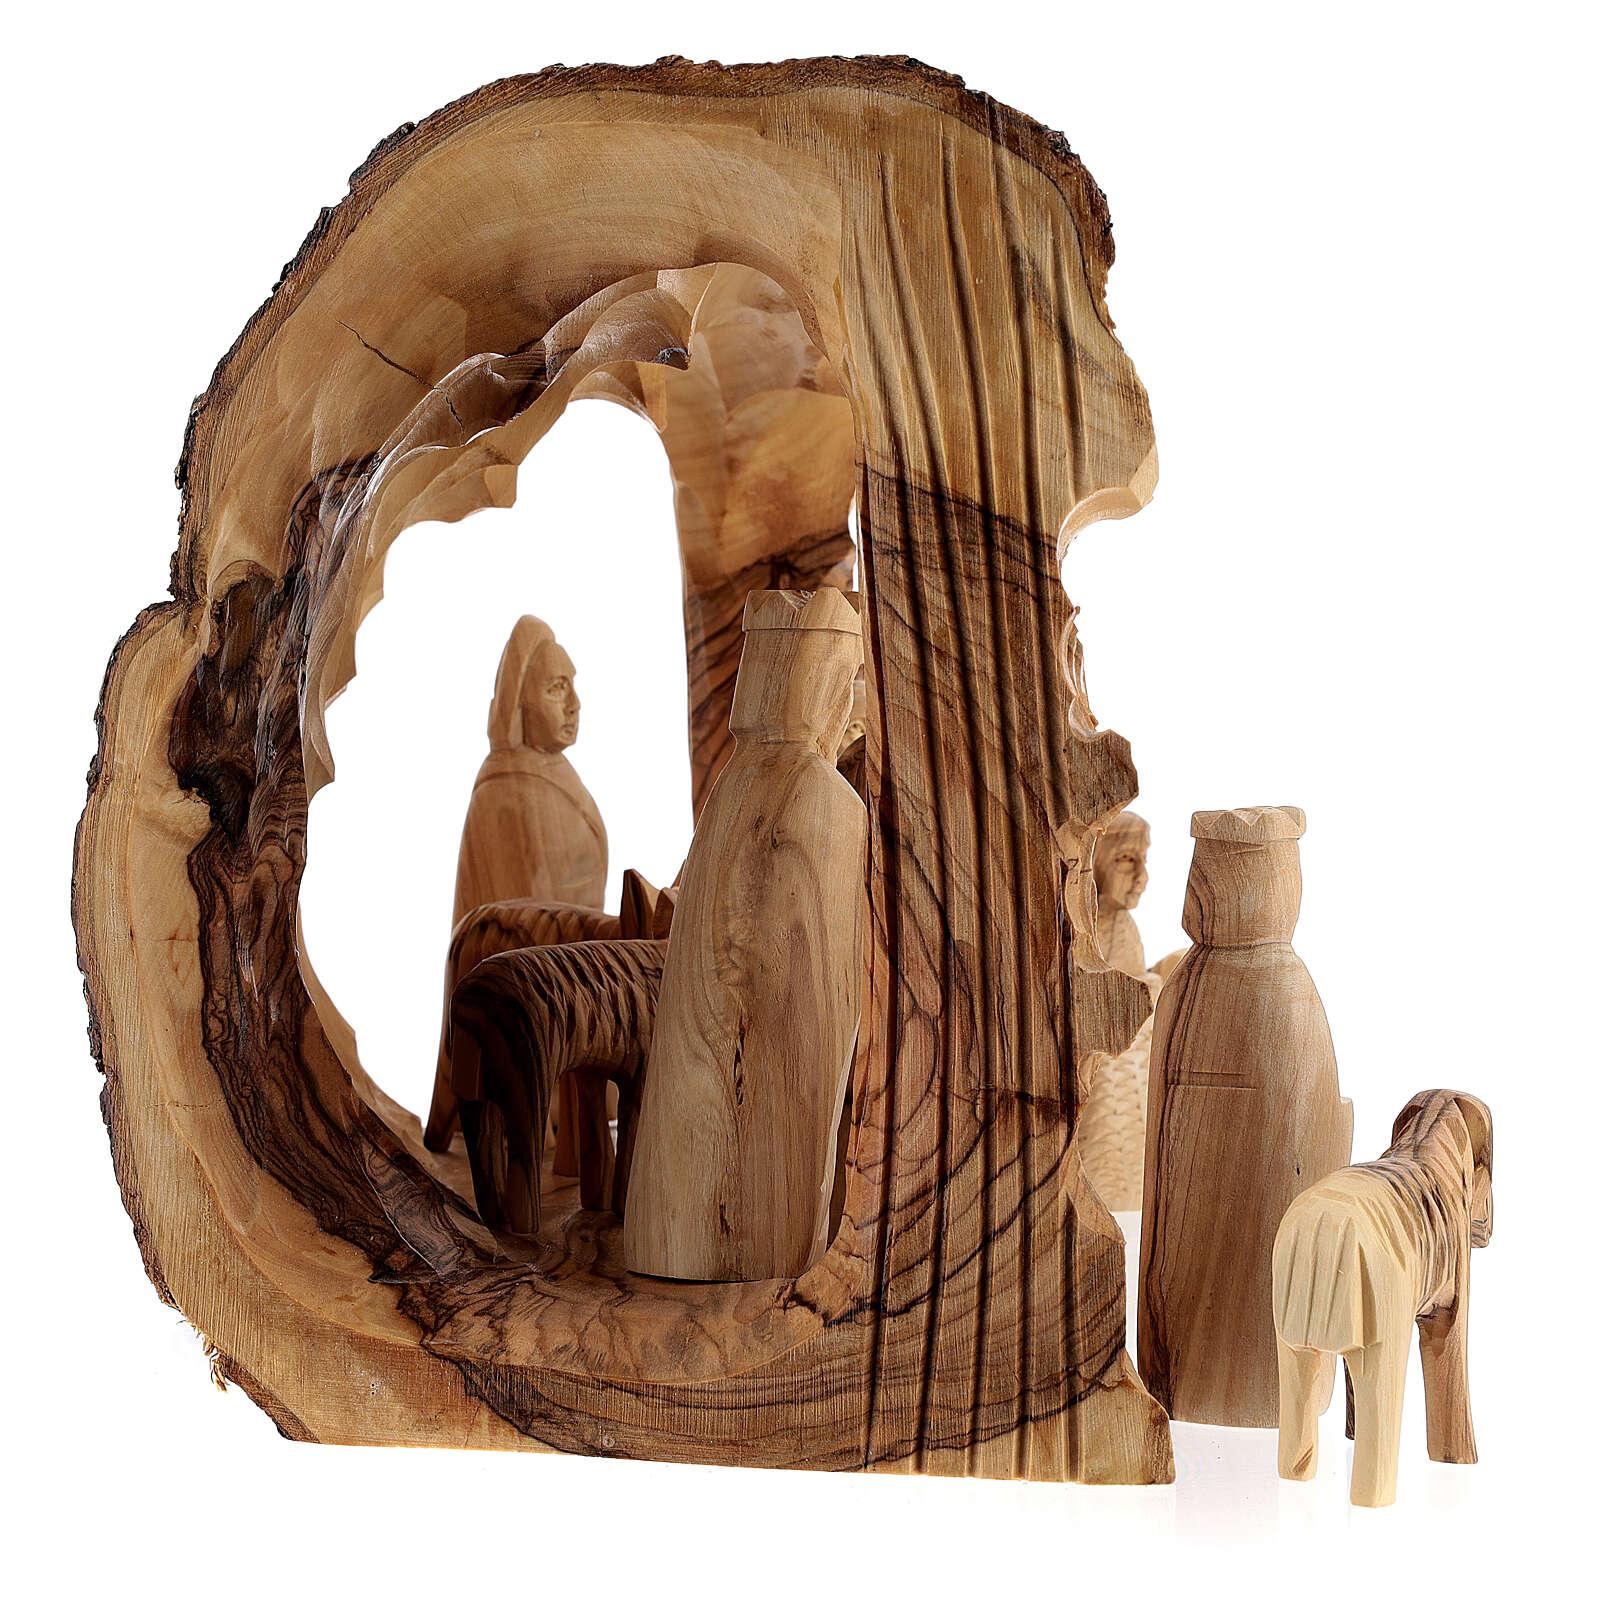 Krippenhütte aus Olivenholz Stil Bethlehem, 20x30x20 cm 4